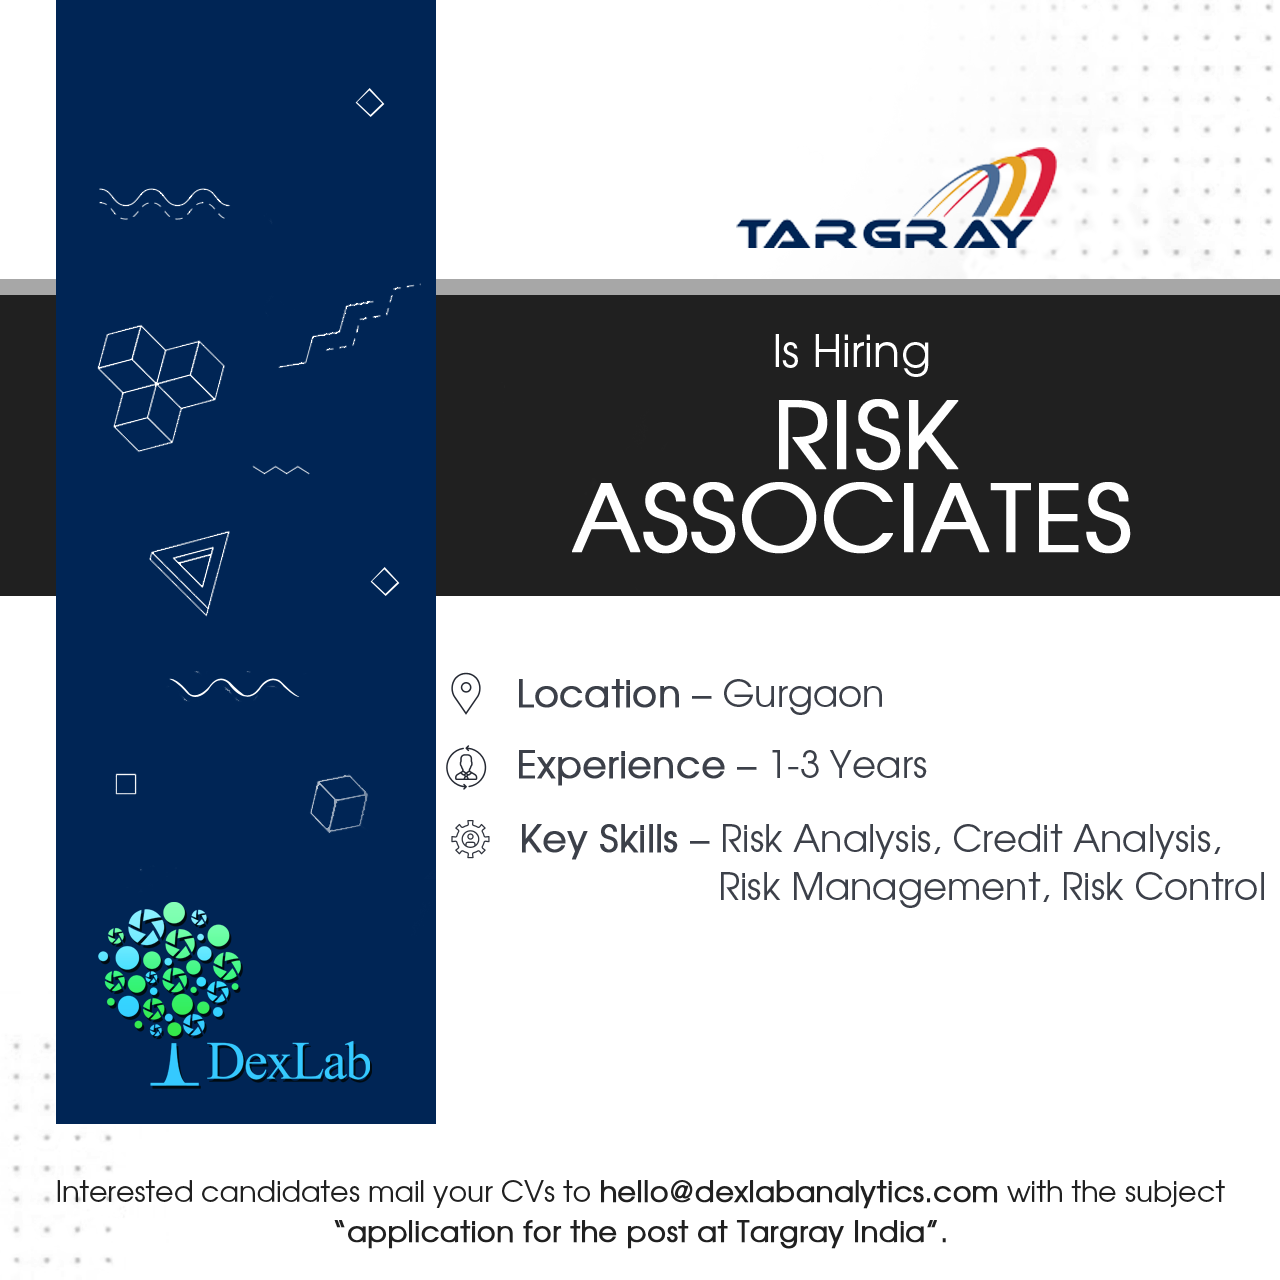 Contact DexlabAnalytics for Opportunities in Big Data